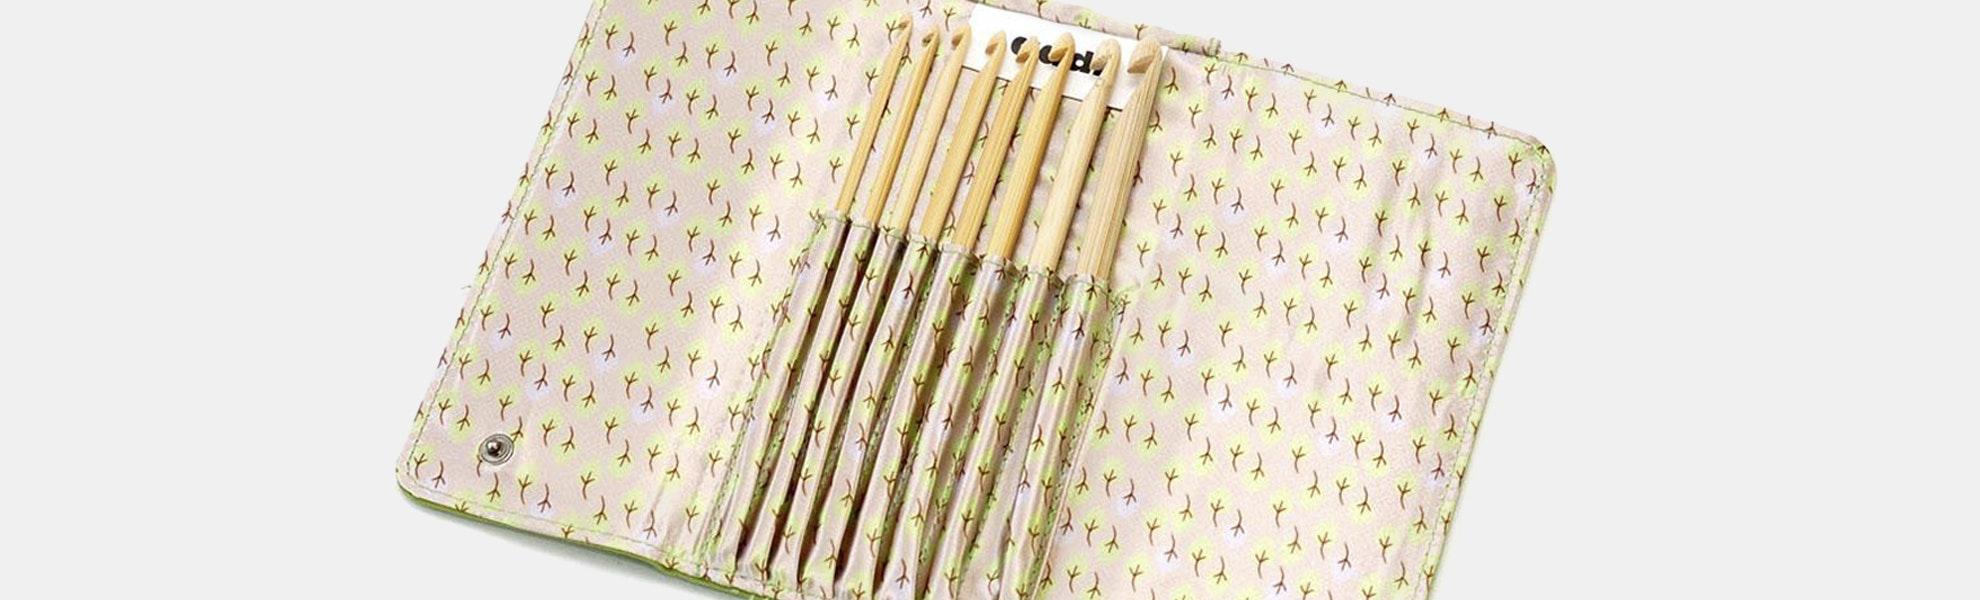 Addi Click Bamboo Crochet Hooks (Set of 540)